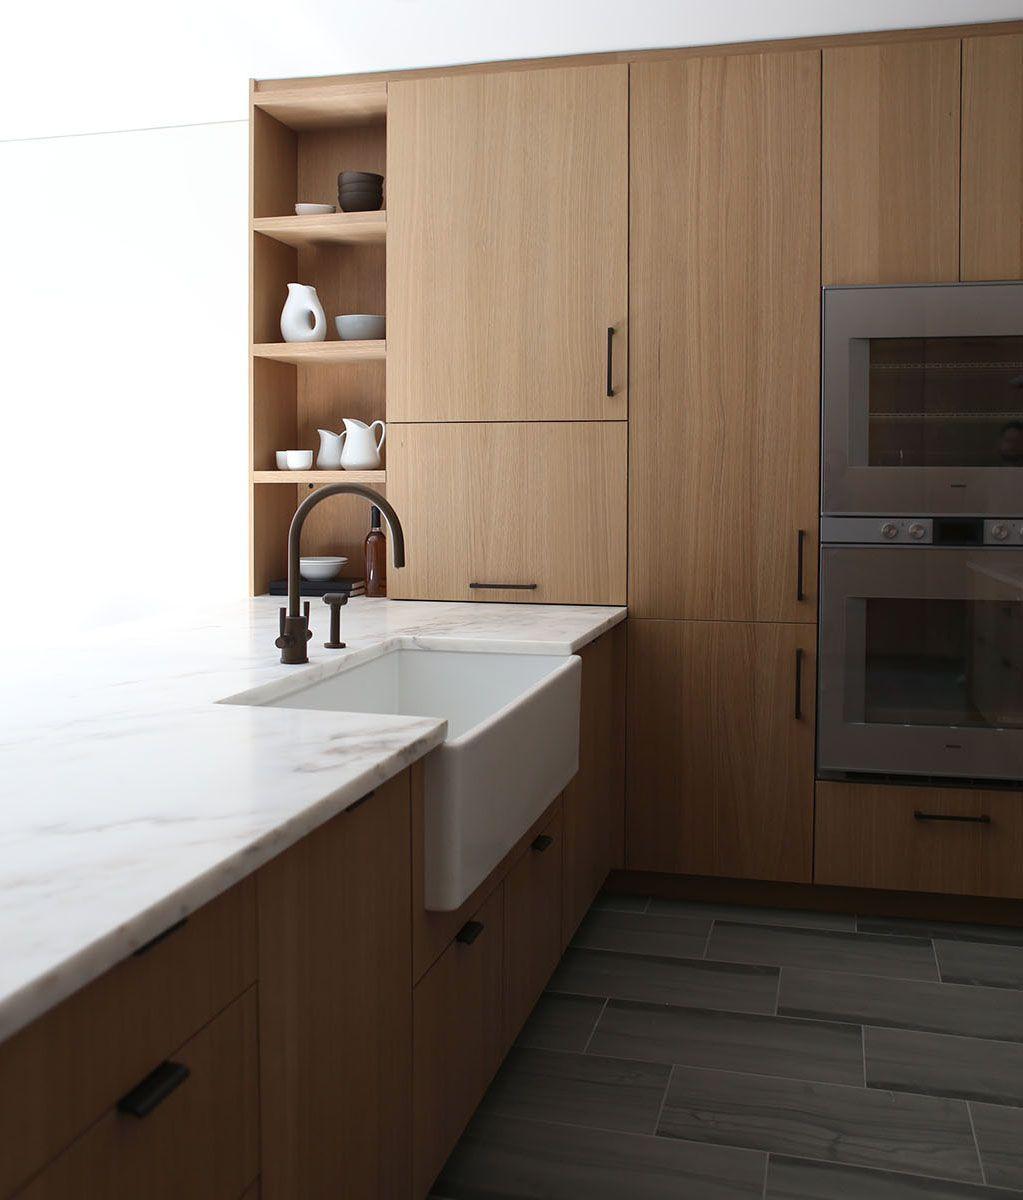 henry built kitchen - Google Search | kitchen | Pinterest | Küche